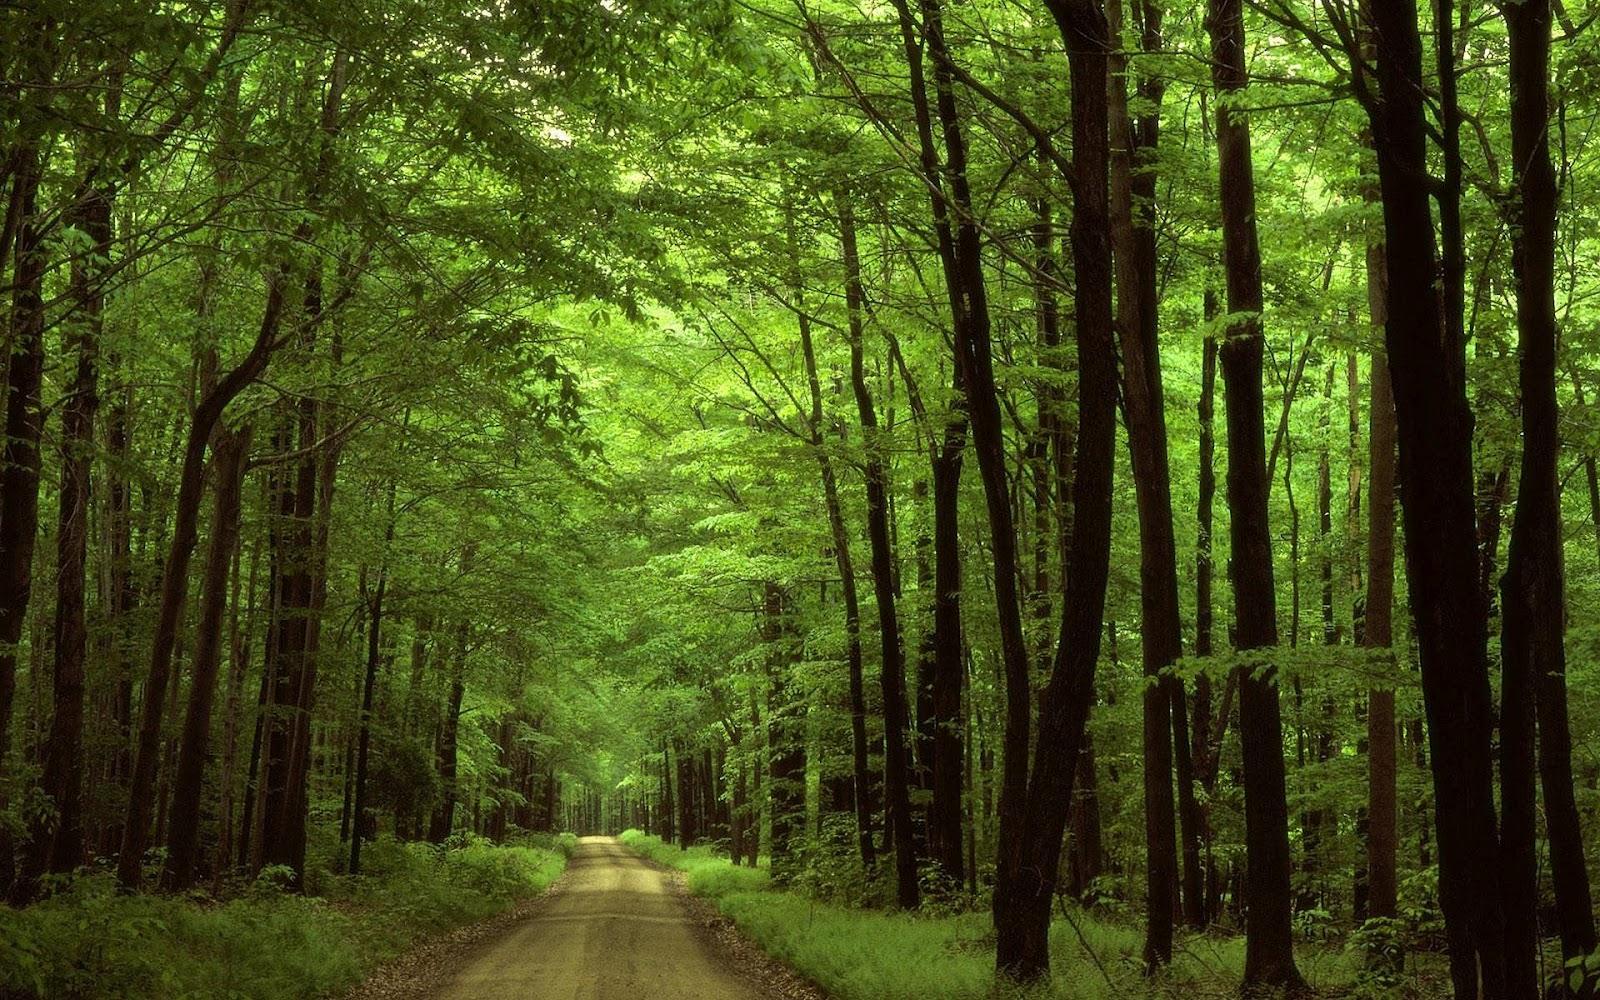 In het bos achtergrond met veel bomen langs de weg | hd bos wallpaper